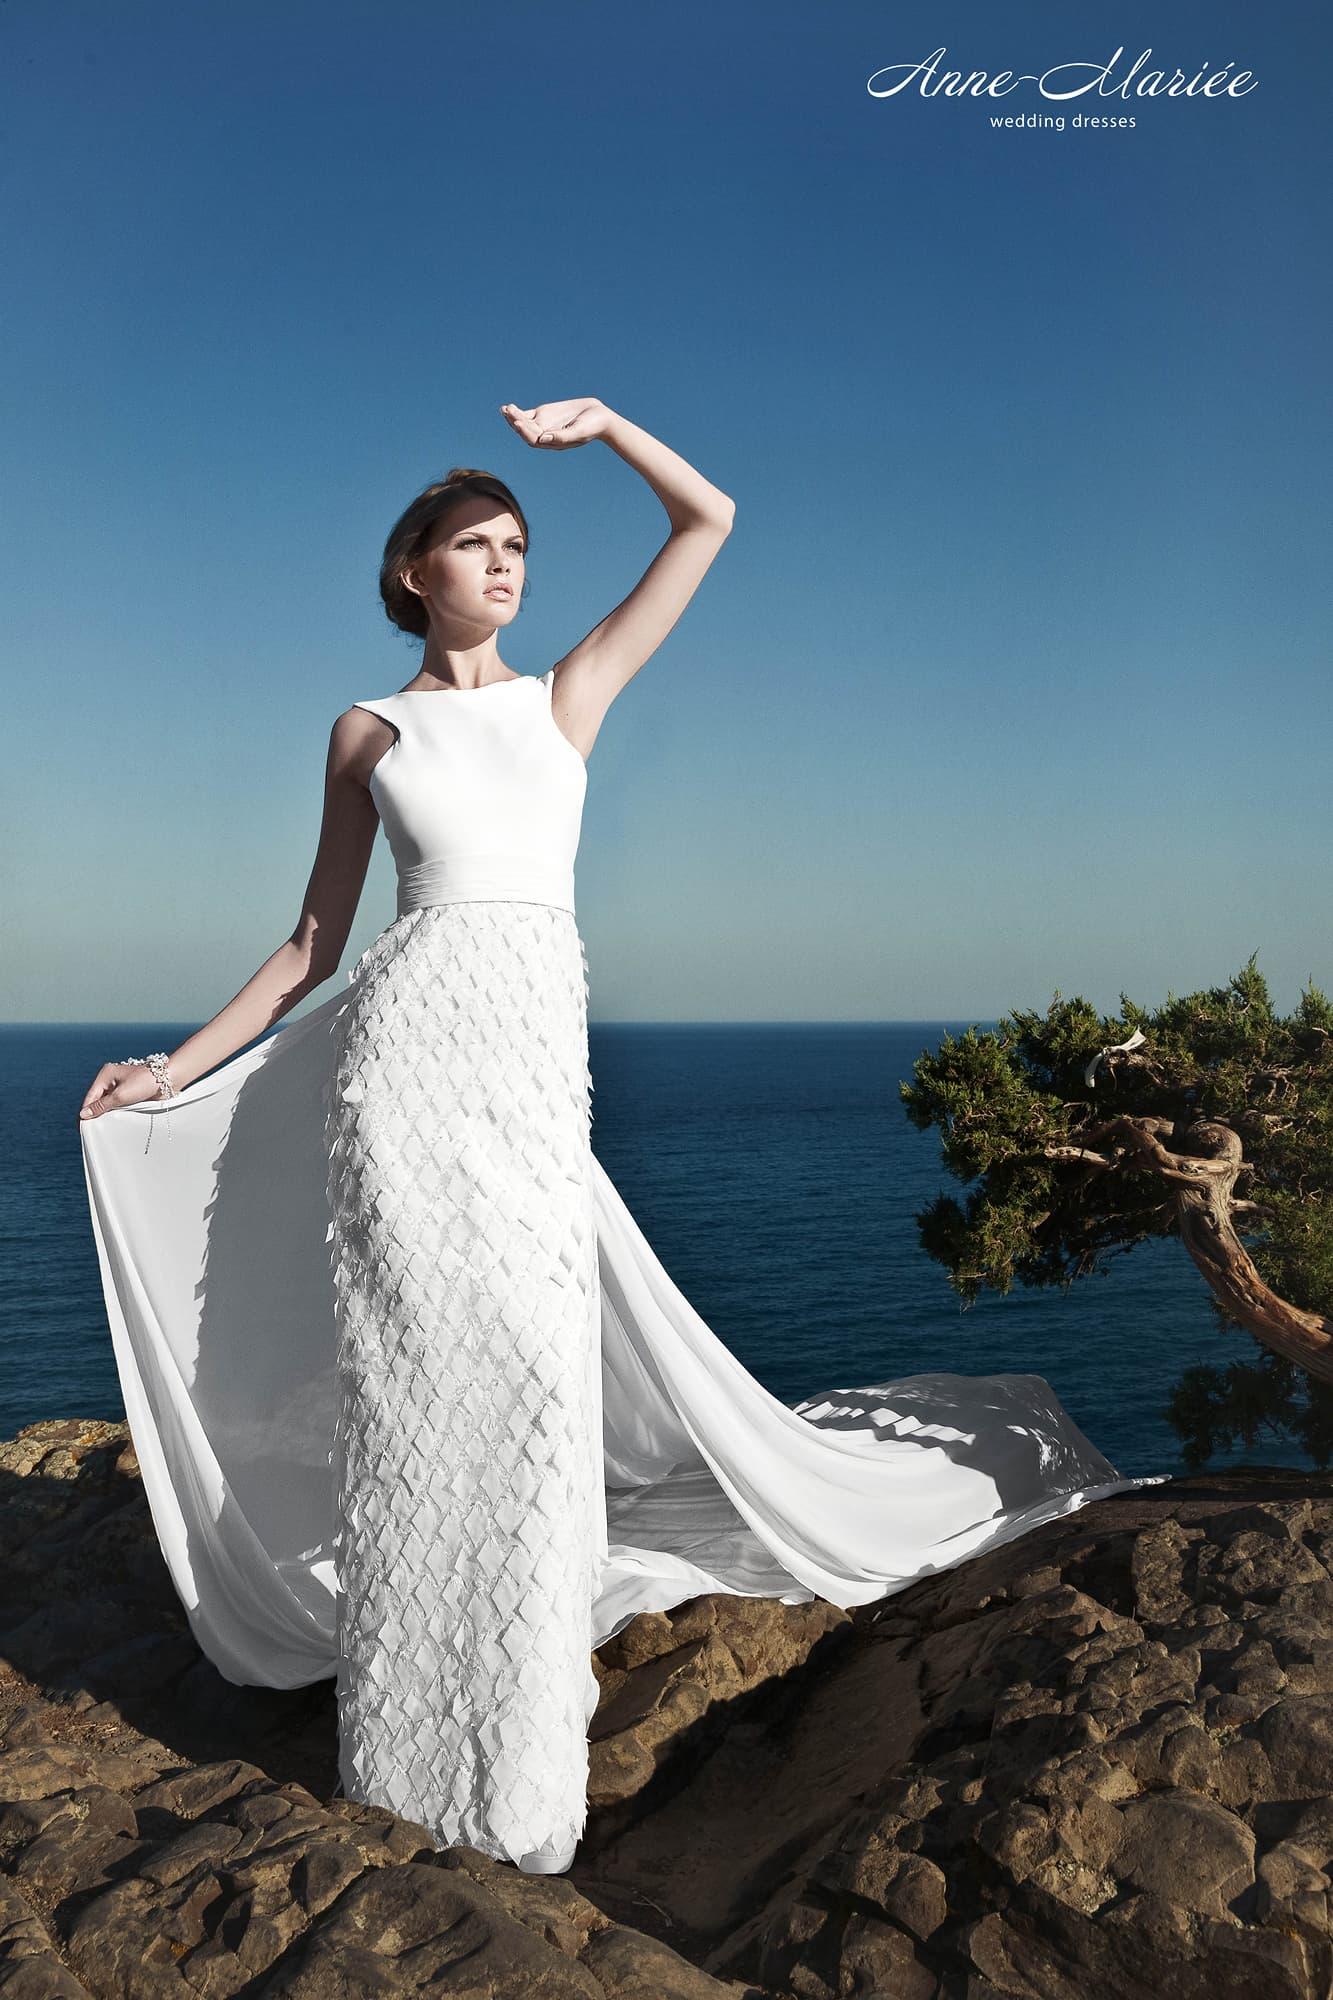 Анне мария свадебные платья